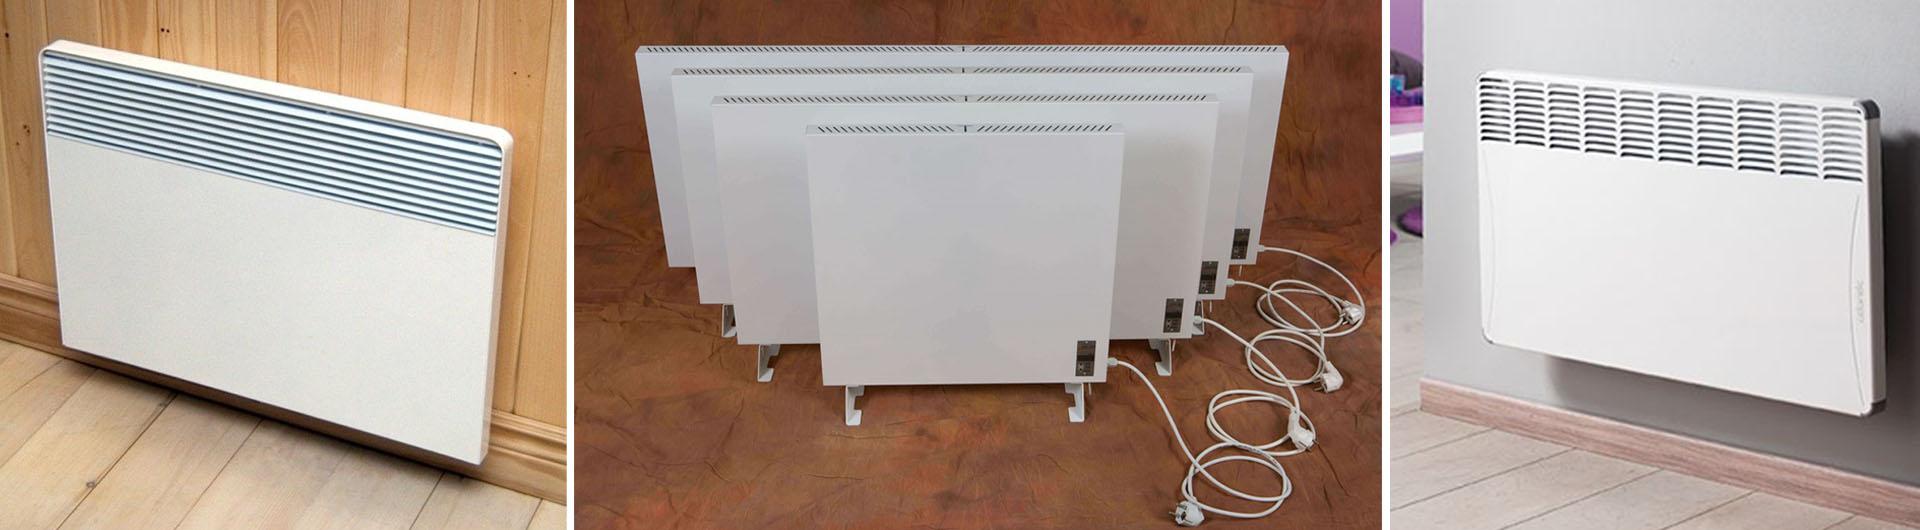 Делаем энергосберегающее отопление дома: обзор конвекторов, пленочных систем и котлов